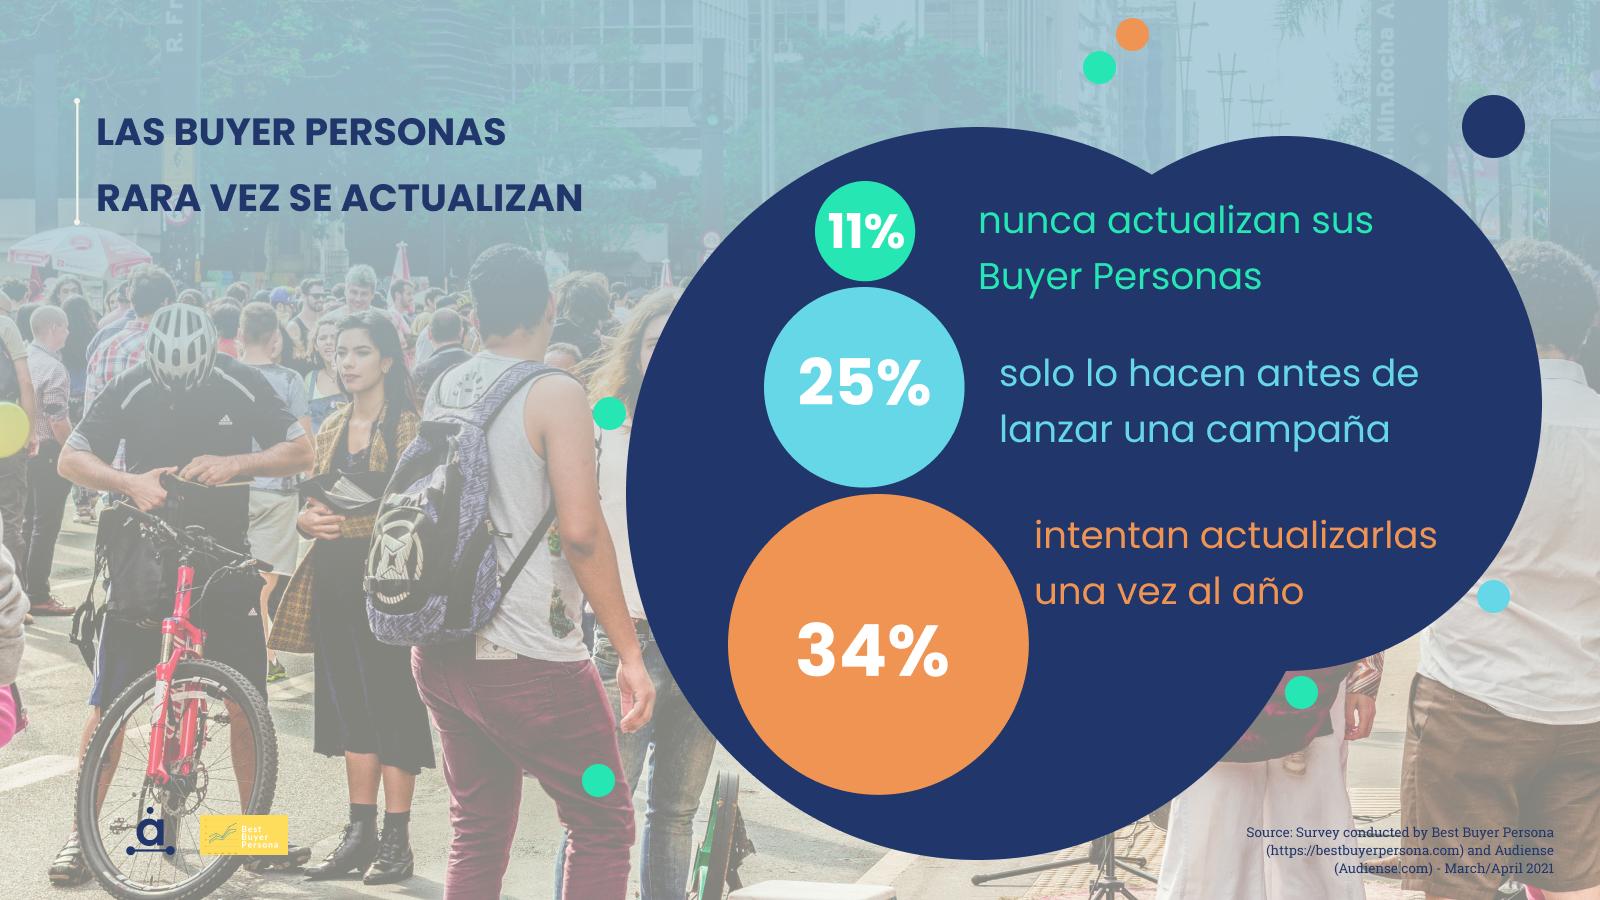 Audiense blog - Las buyer personas rara vez se actualizan